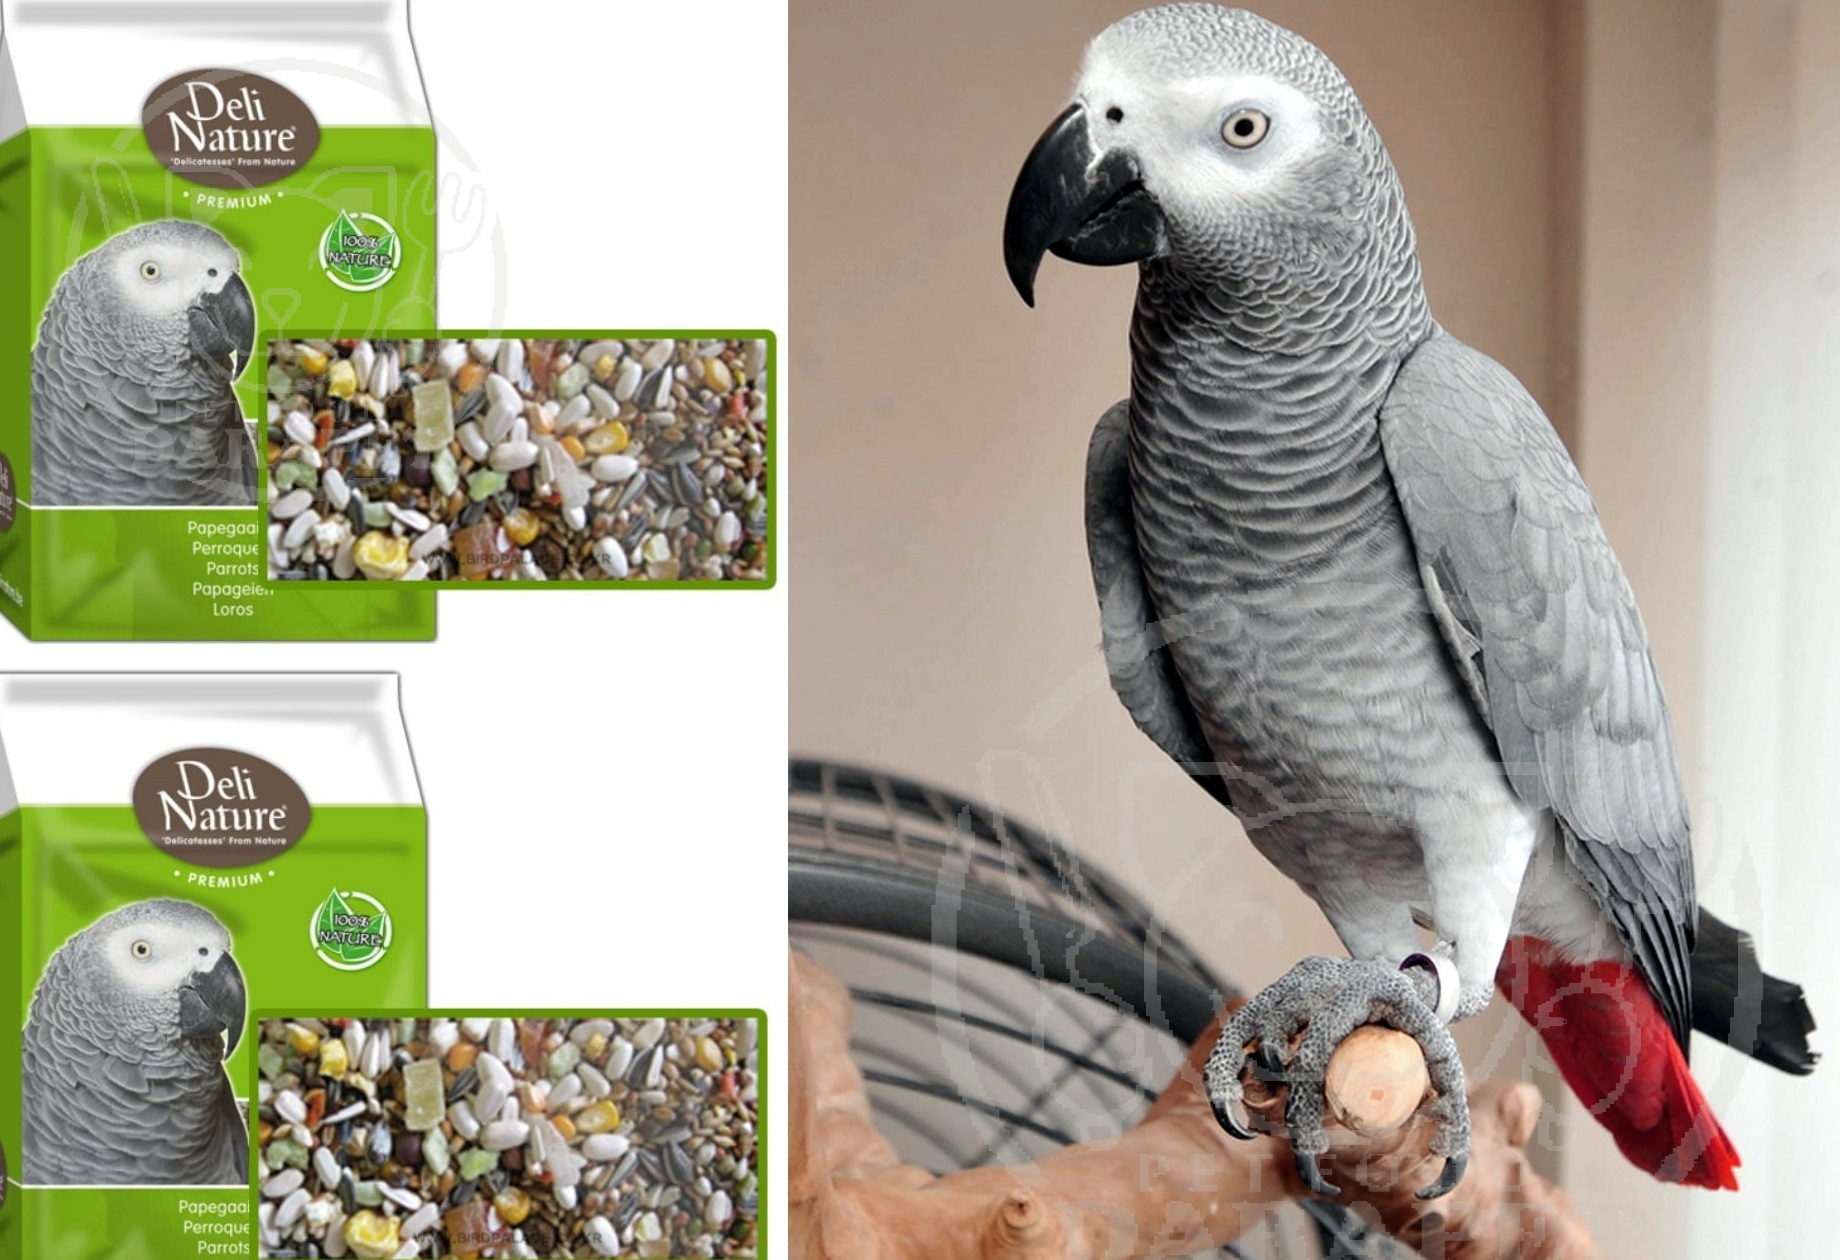 مرکز خرید خوراک پرنده کاسکو دم قرمز